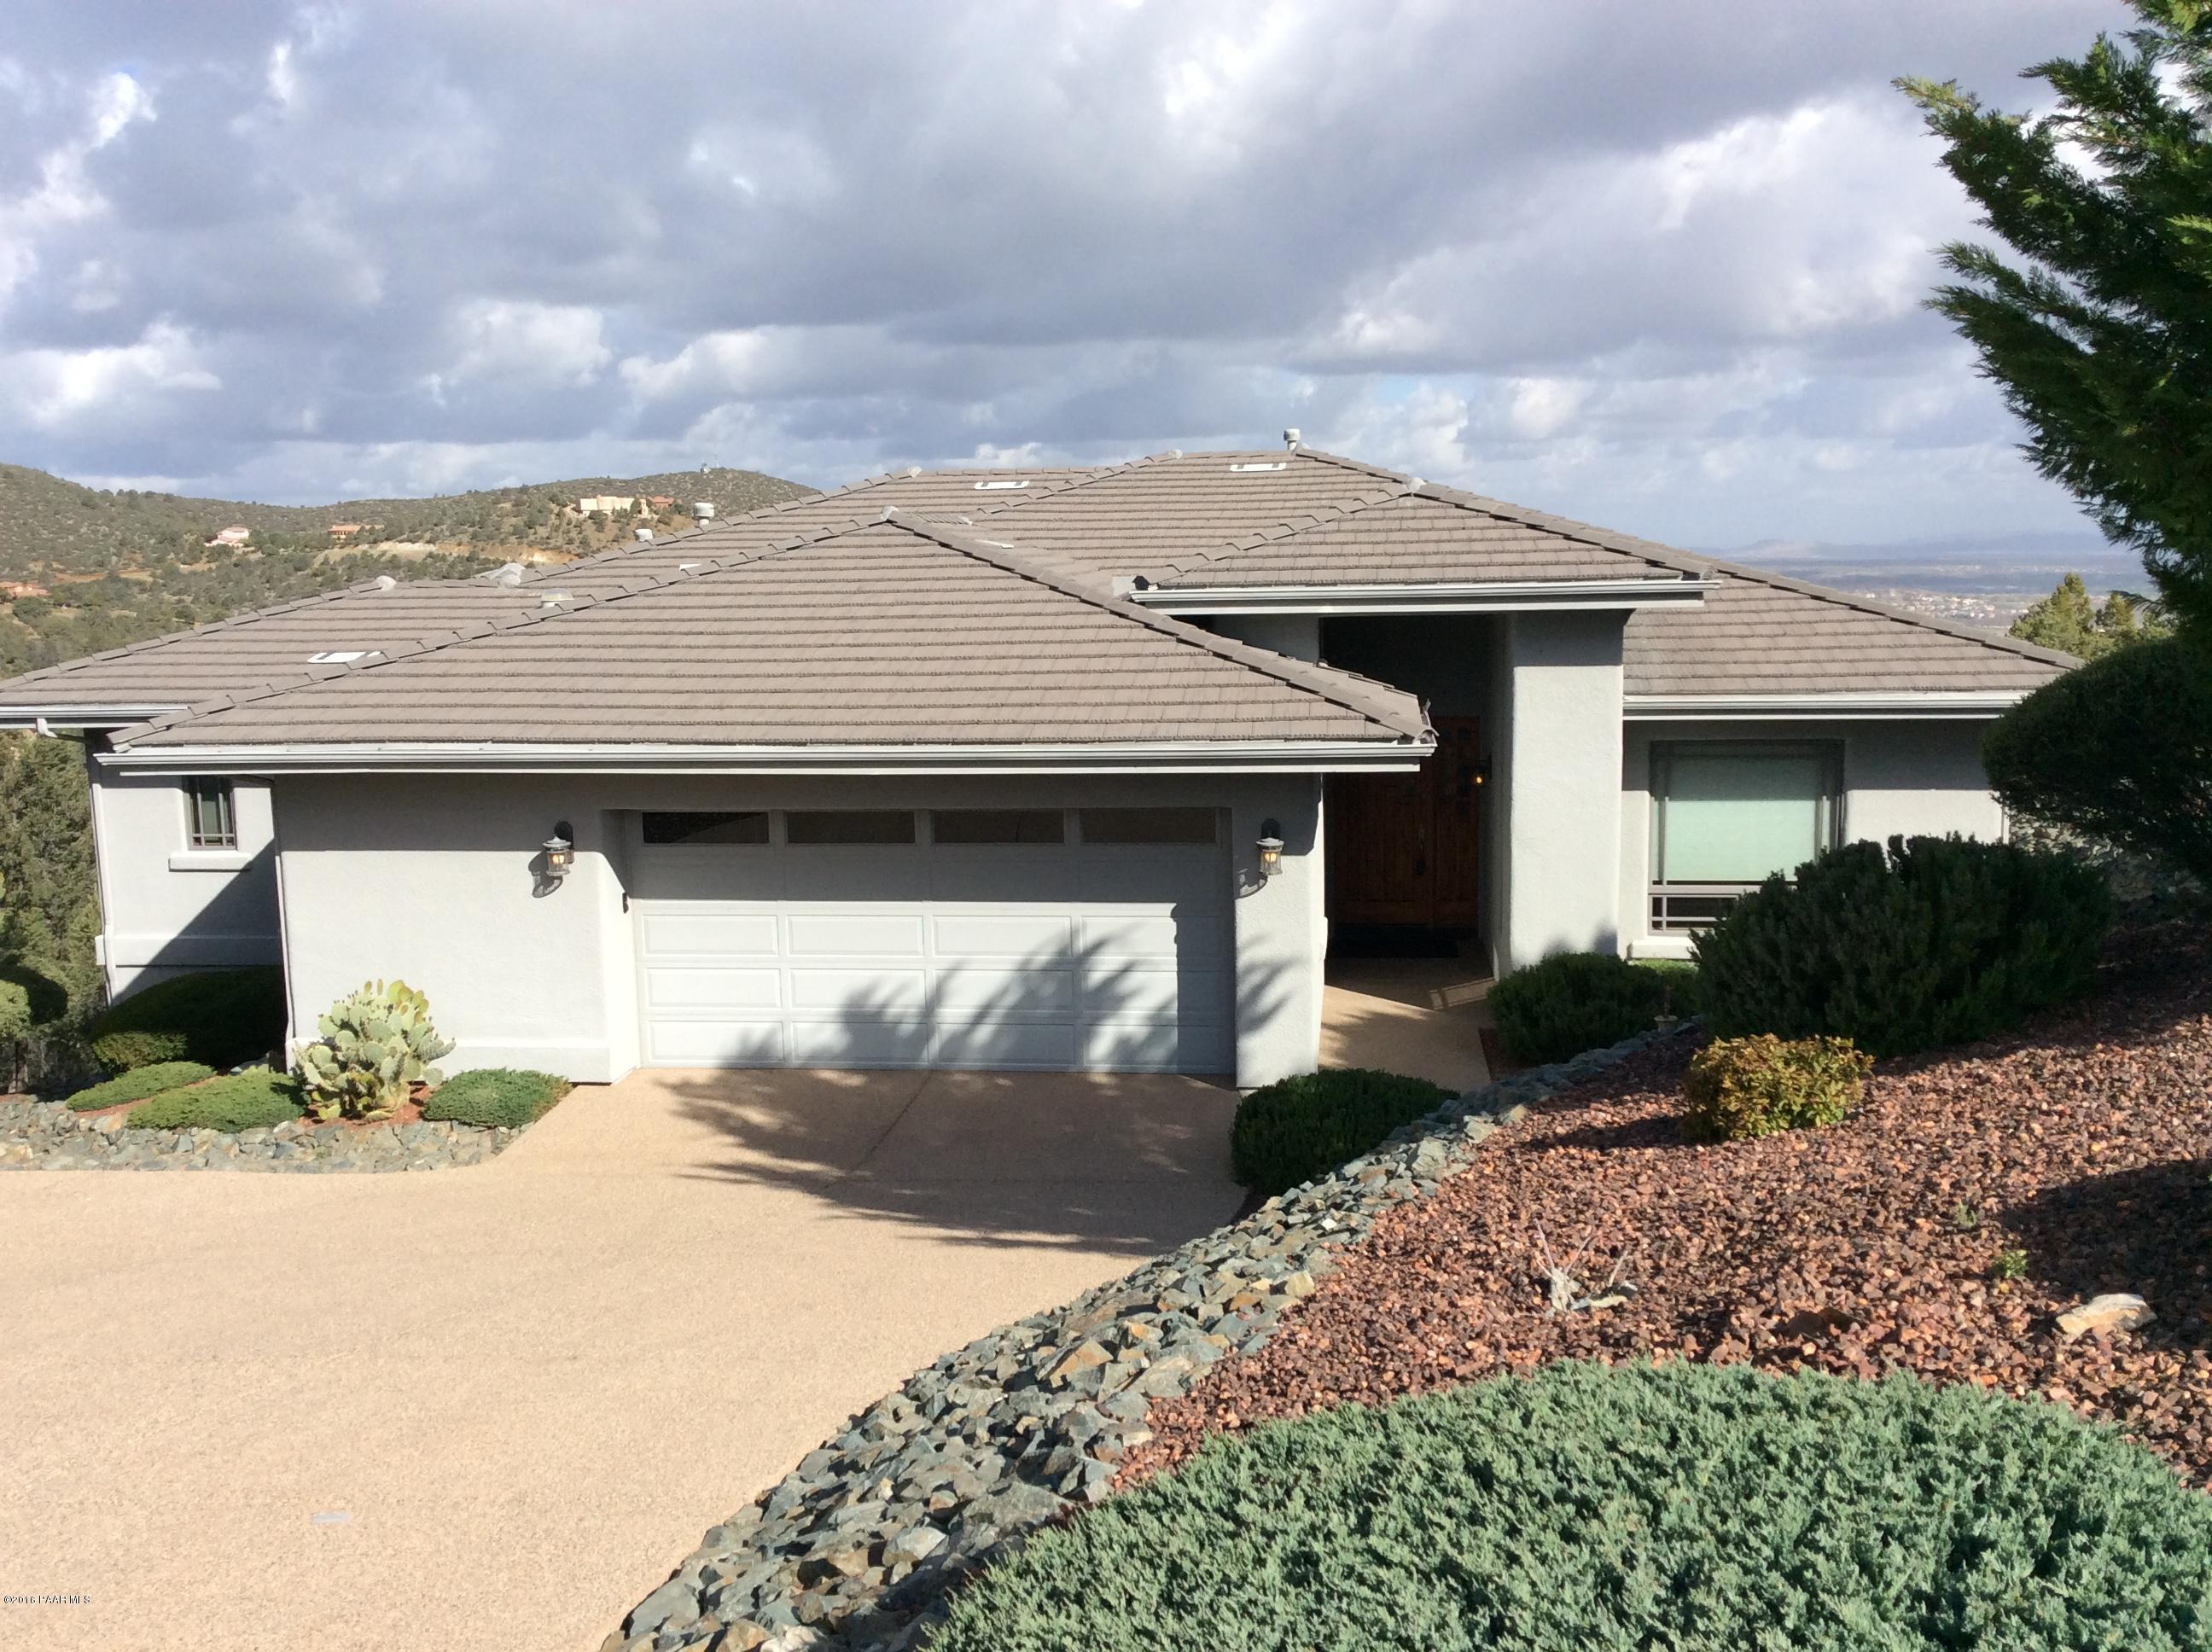 MLS 994721 544 Windspirit Circle Building 544, Prescott, AZ Prescott AZ Ranch At Prescott